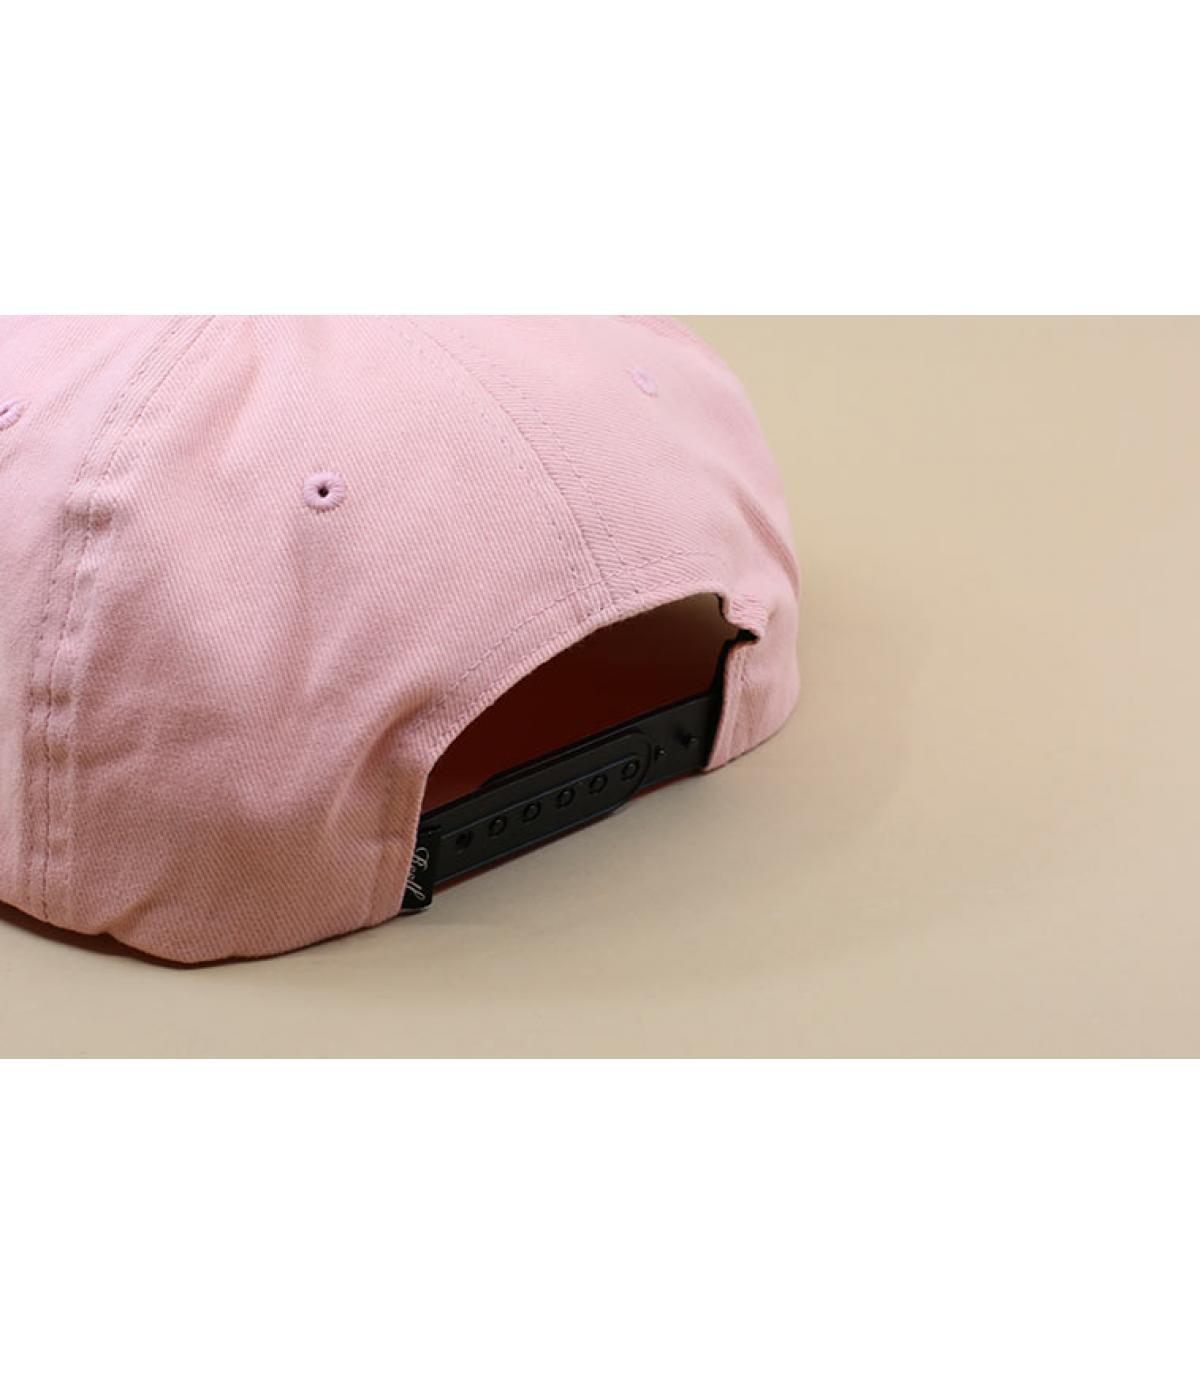 Détails Suede Cap dusty pink - image 5